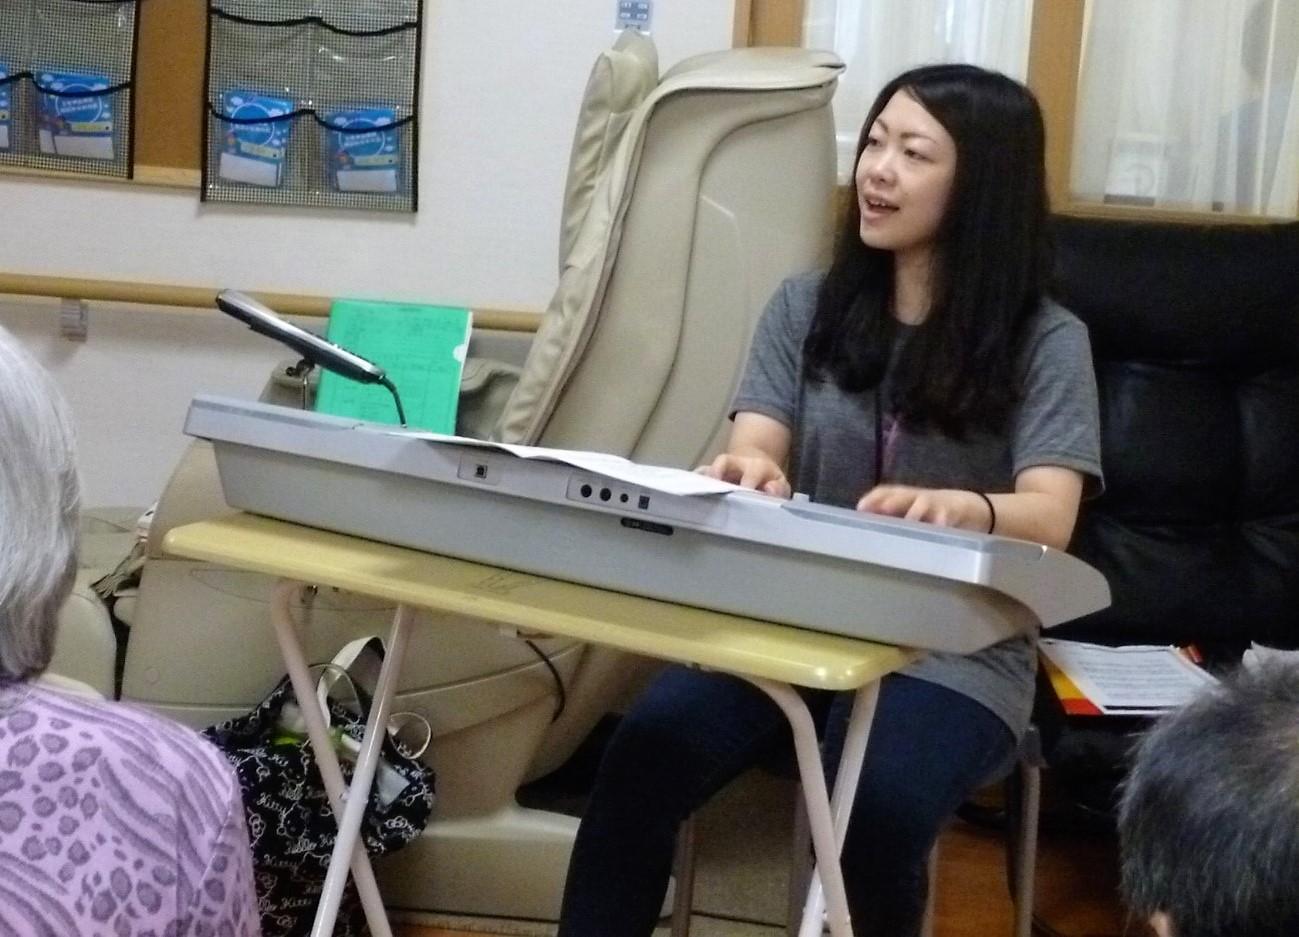 かがやく卒業生(21):音楽療法を学び、高齢者施設の運営会社に勤務するIさん